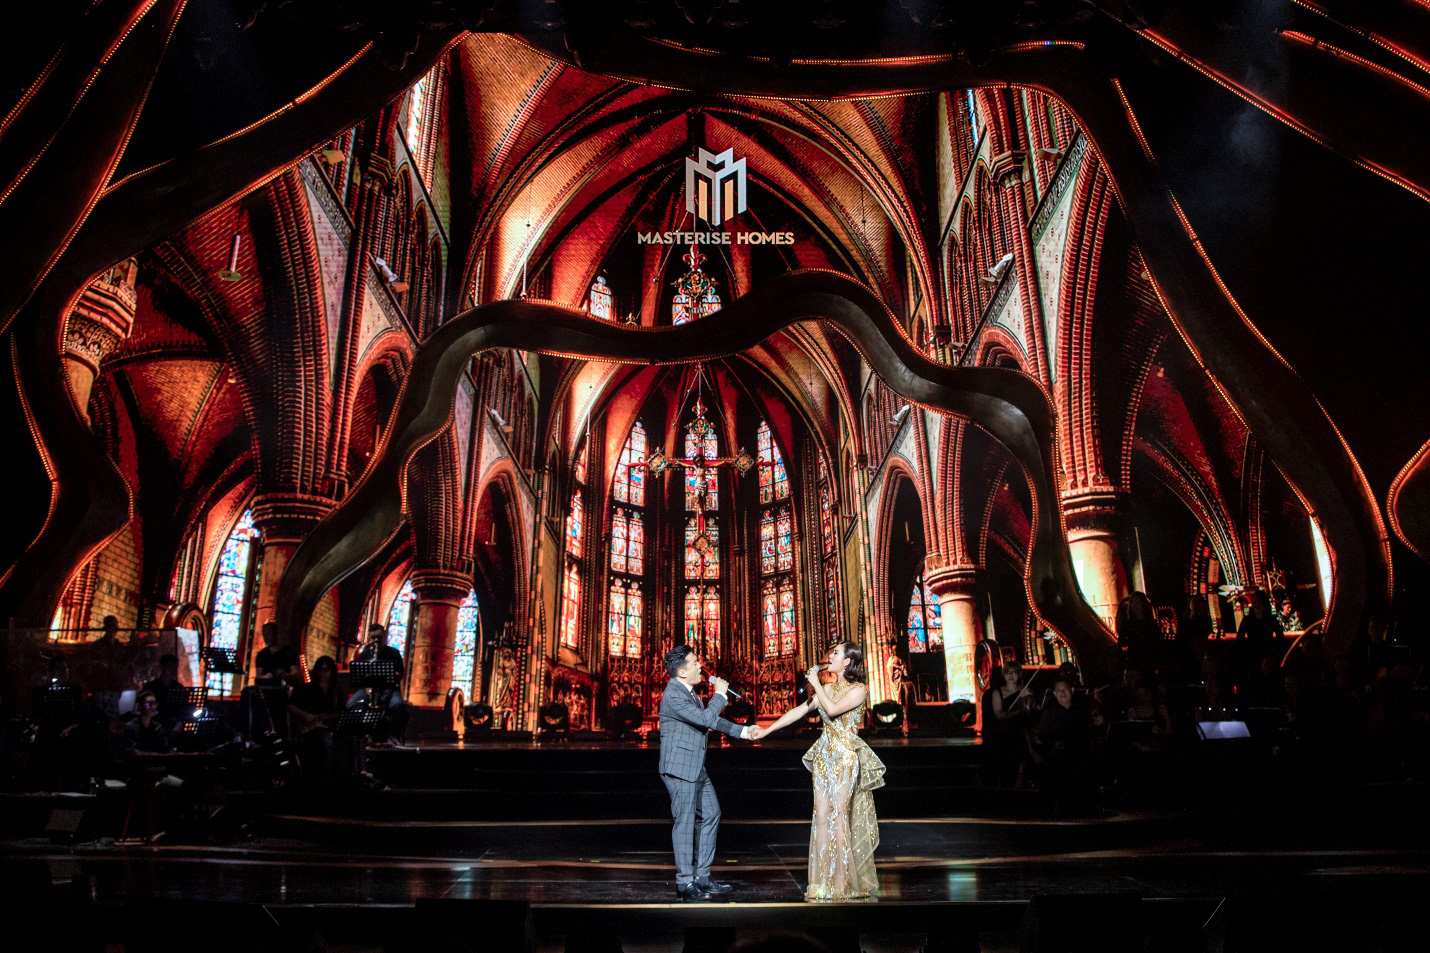 The Master Of Symphony 2019 chinh phục khán giả với các tiết mục trình diễn đỉnh cao và ấn tượng - Ảnh 7.